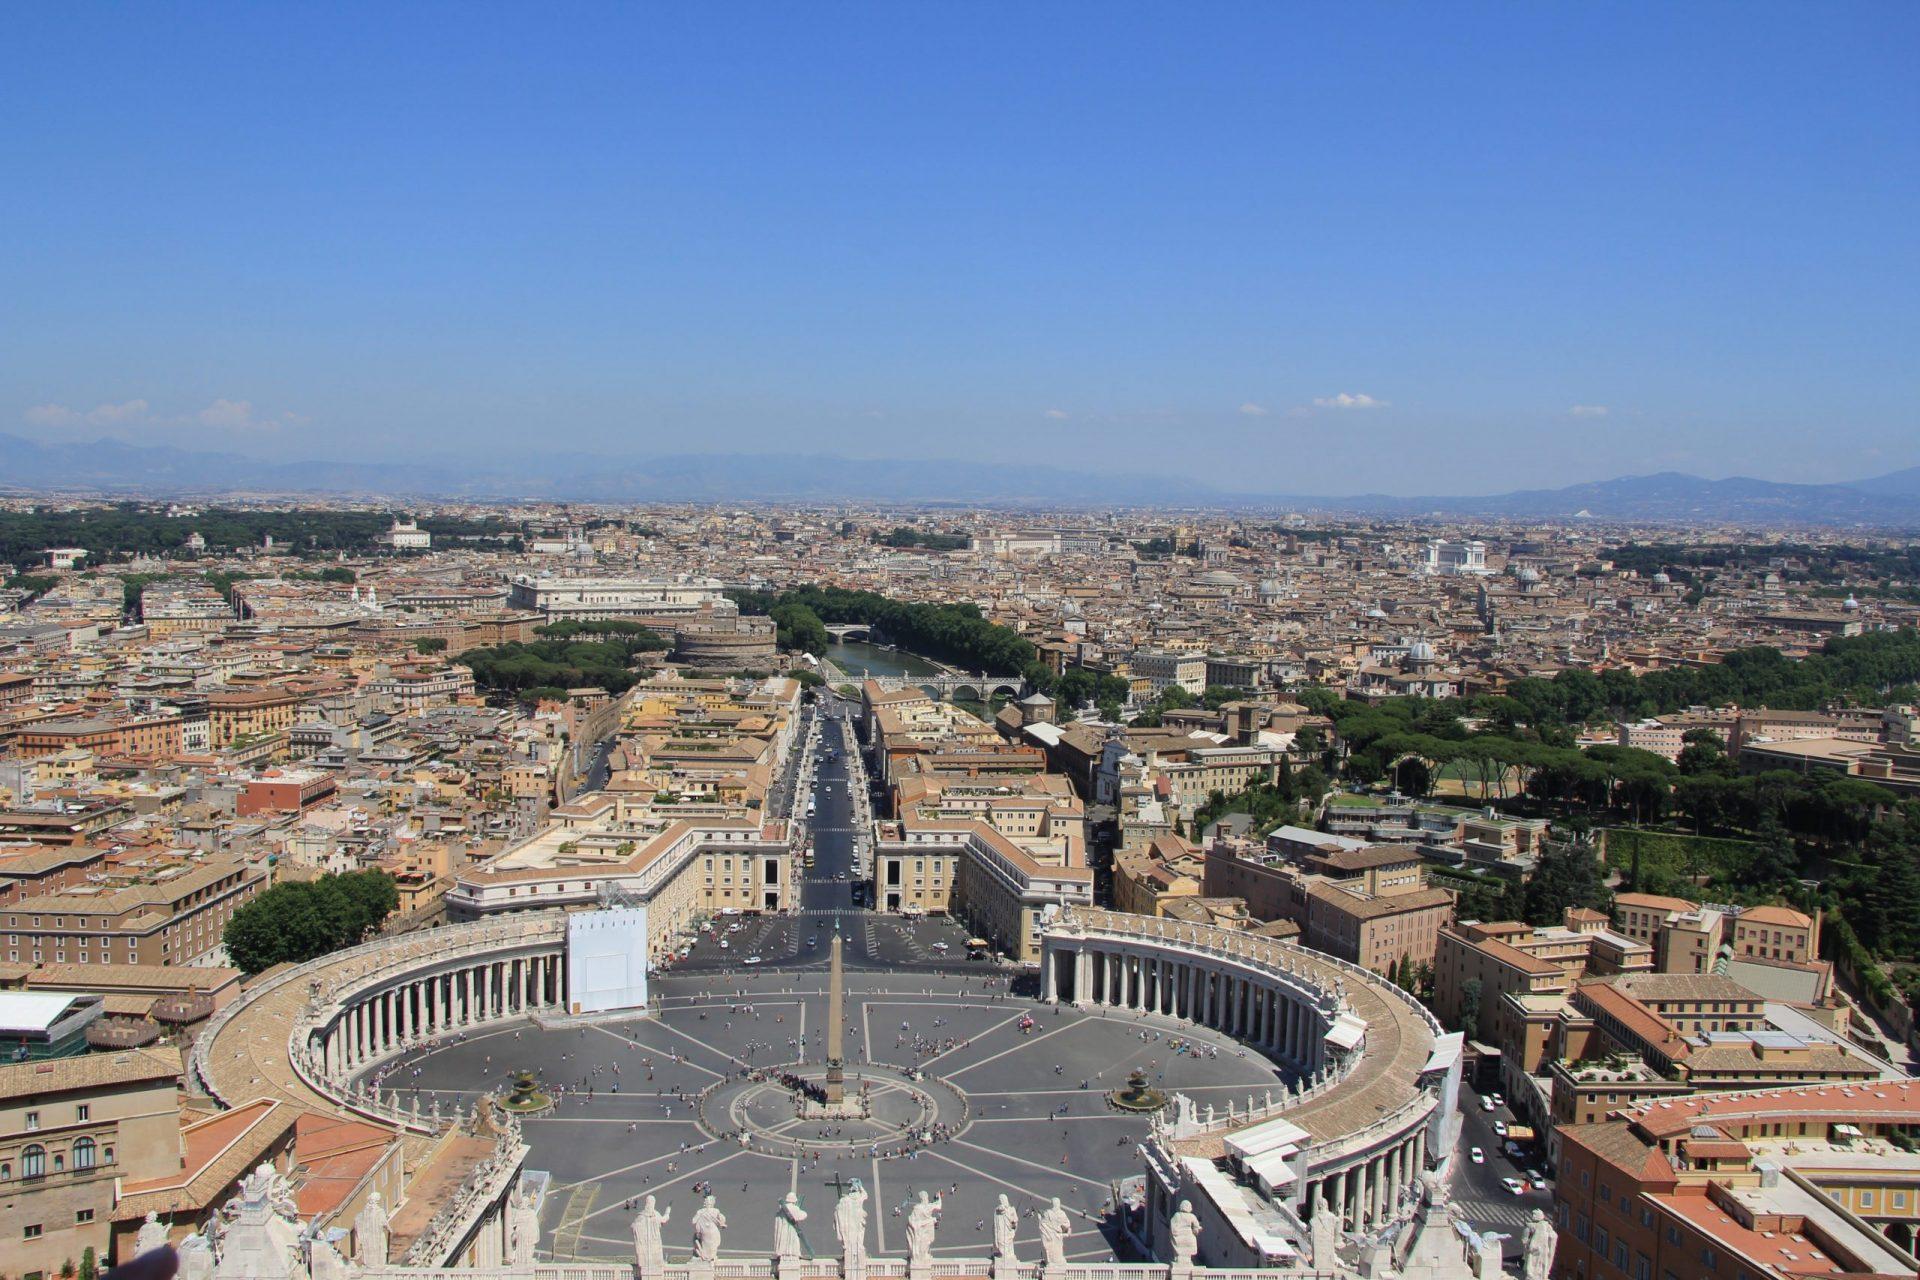 Площадь Святого Петра. Рим, Италия. Июль, 2012